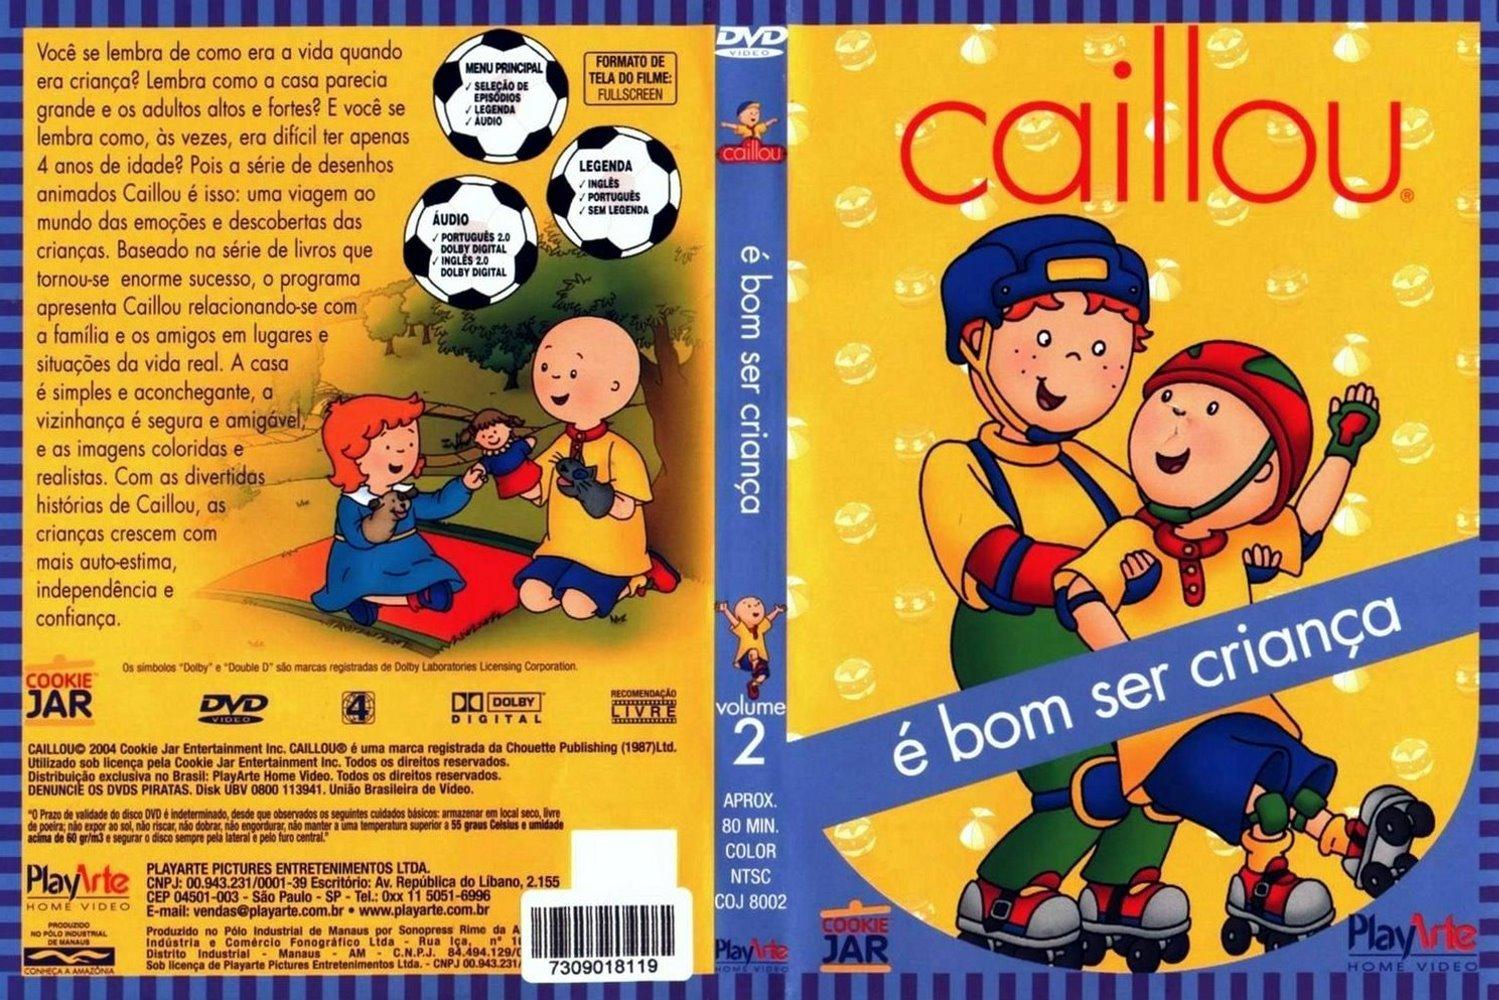 Ser Criança é: Hanna Barbera Show Parte 2: Caillou É Bom Ser Criança 2004